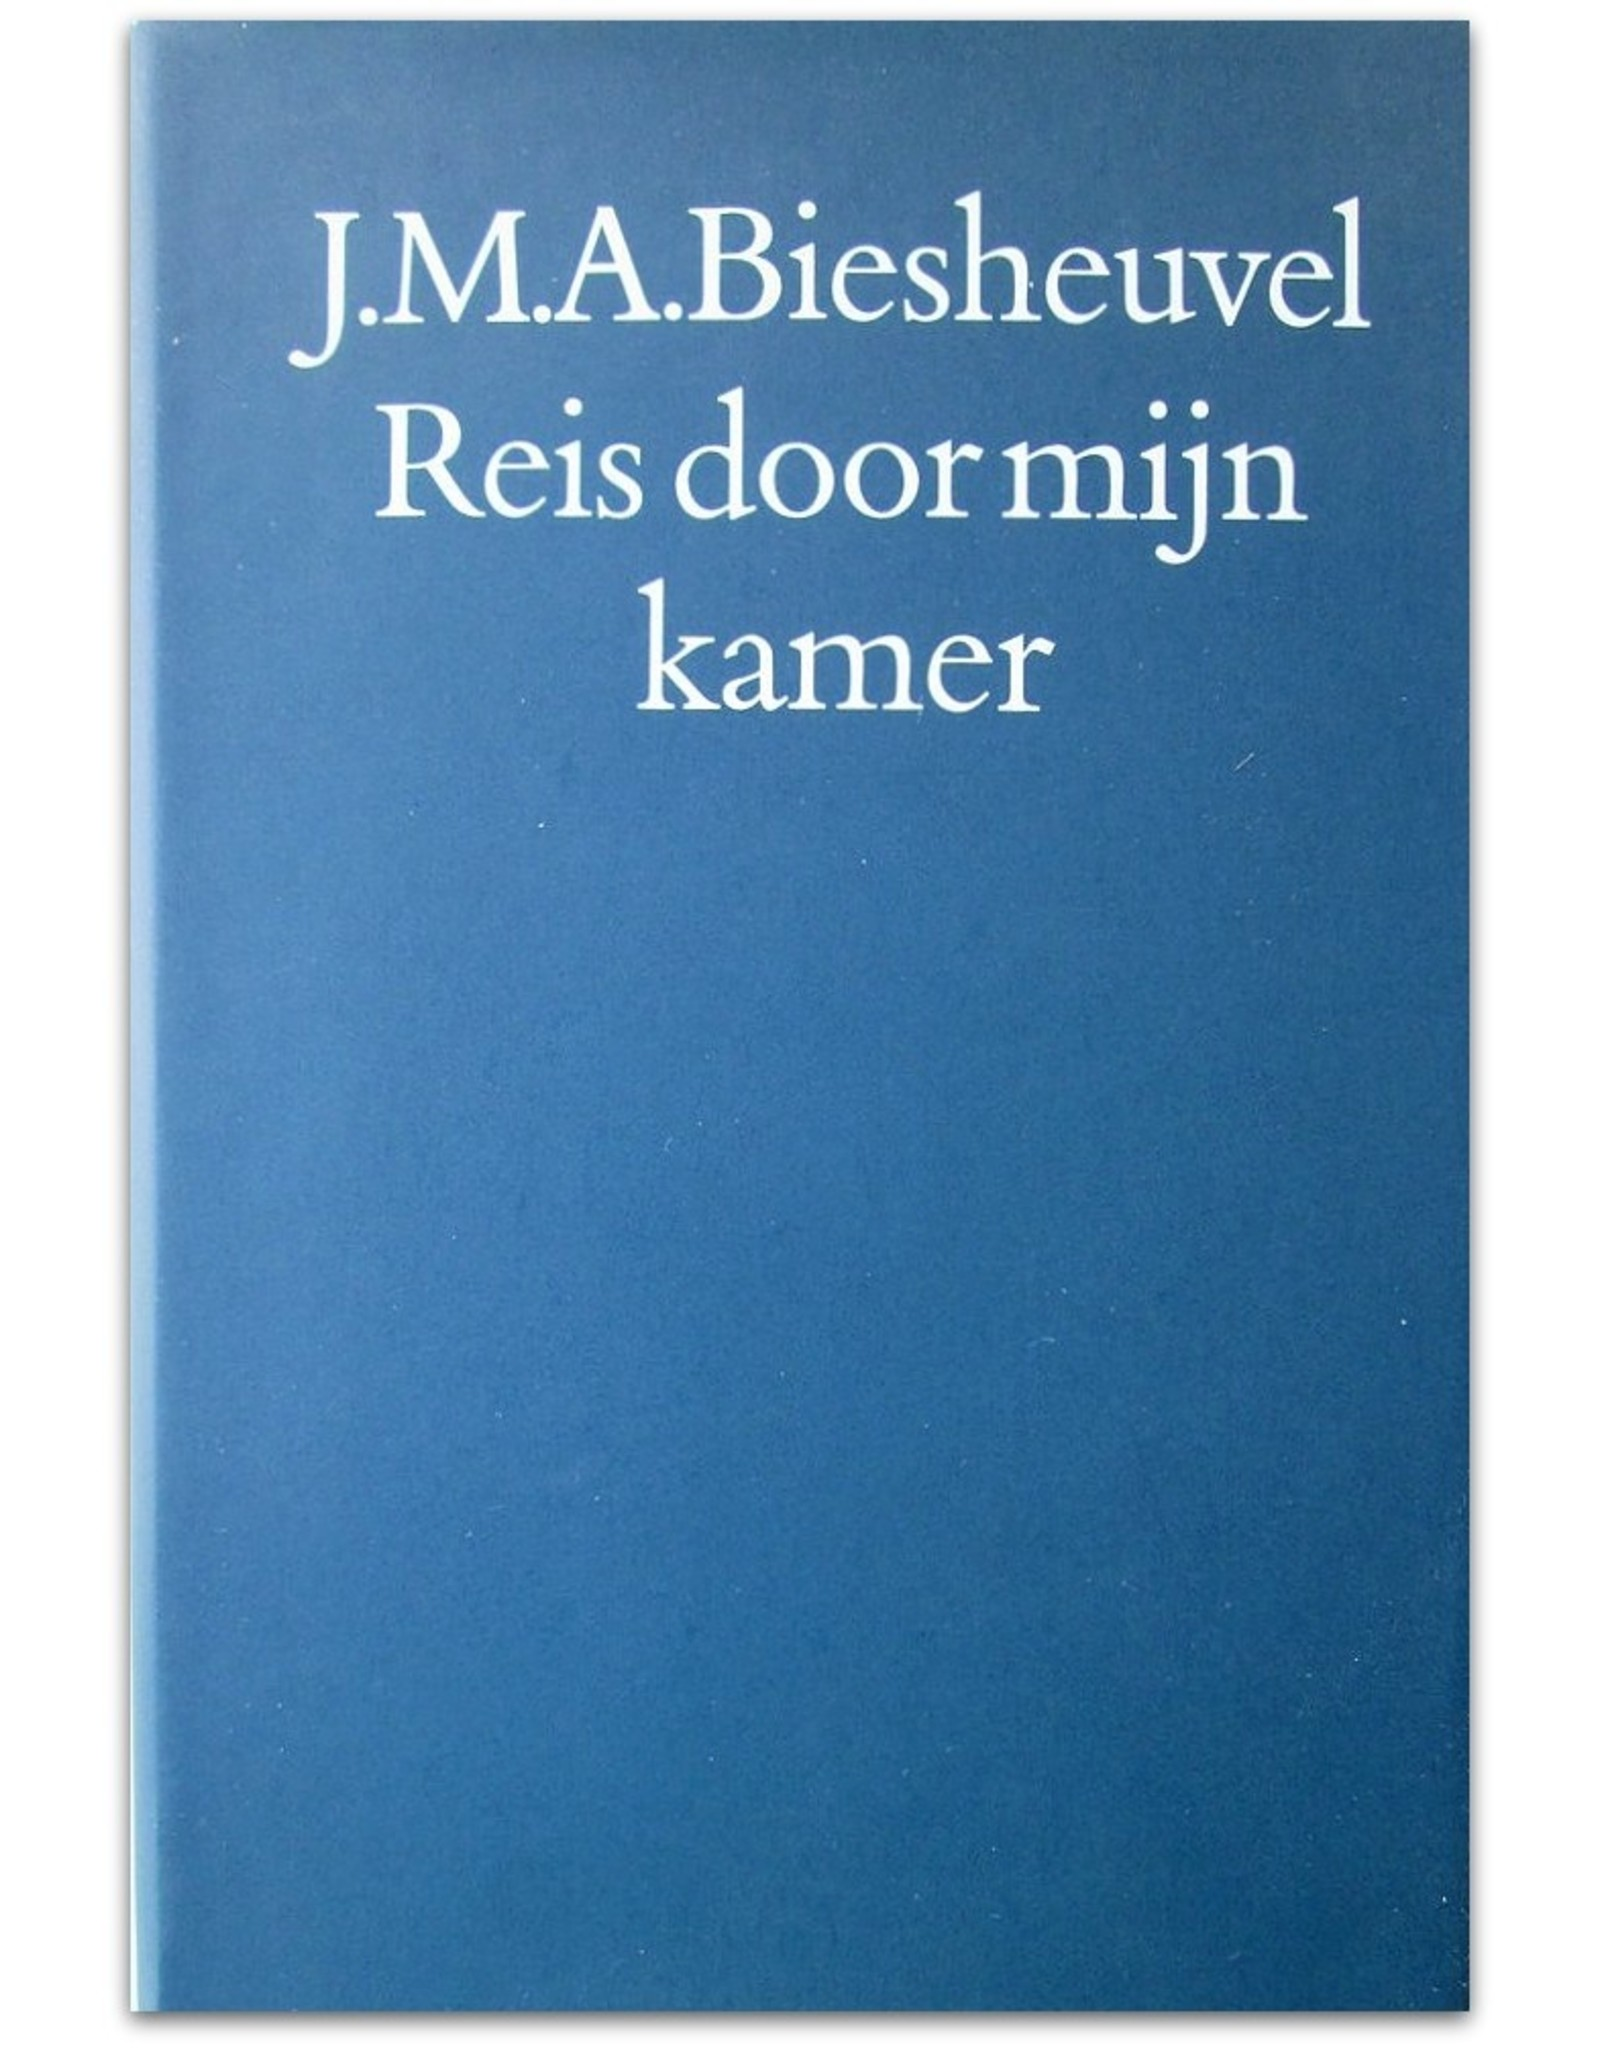 J.M.A. Biesheuvel - Reis door mijn kamer. Verhalen